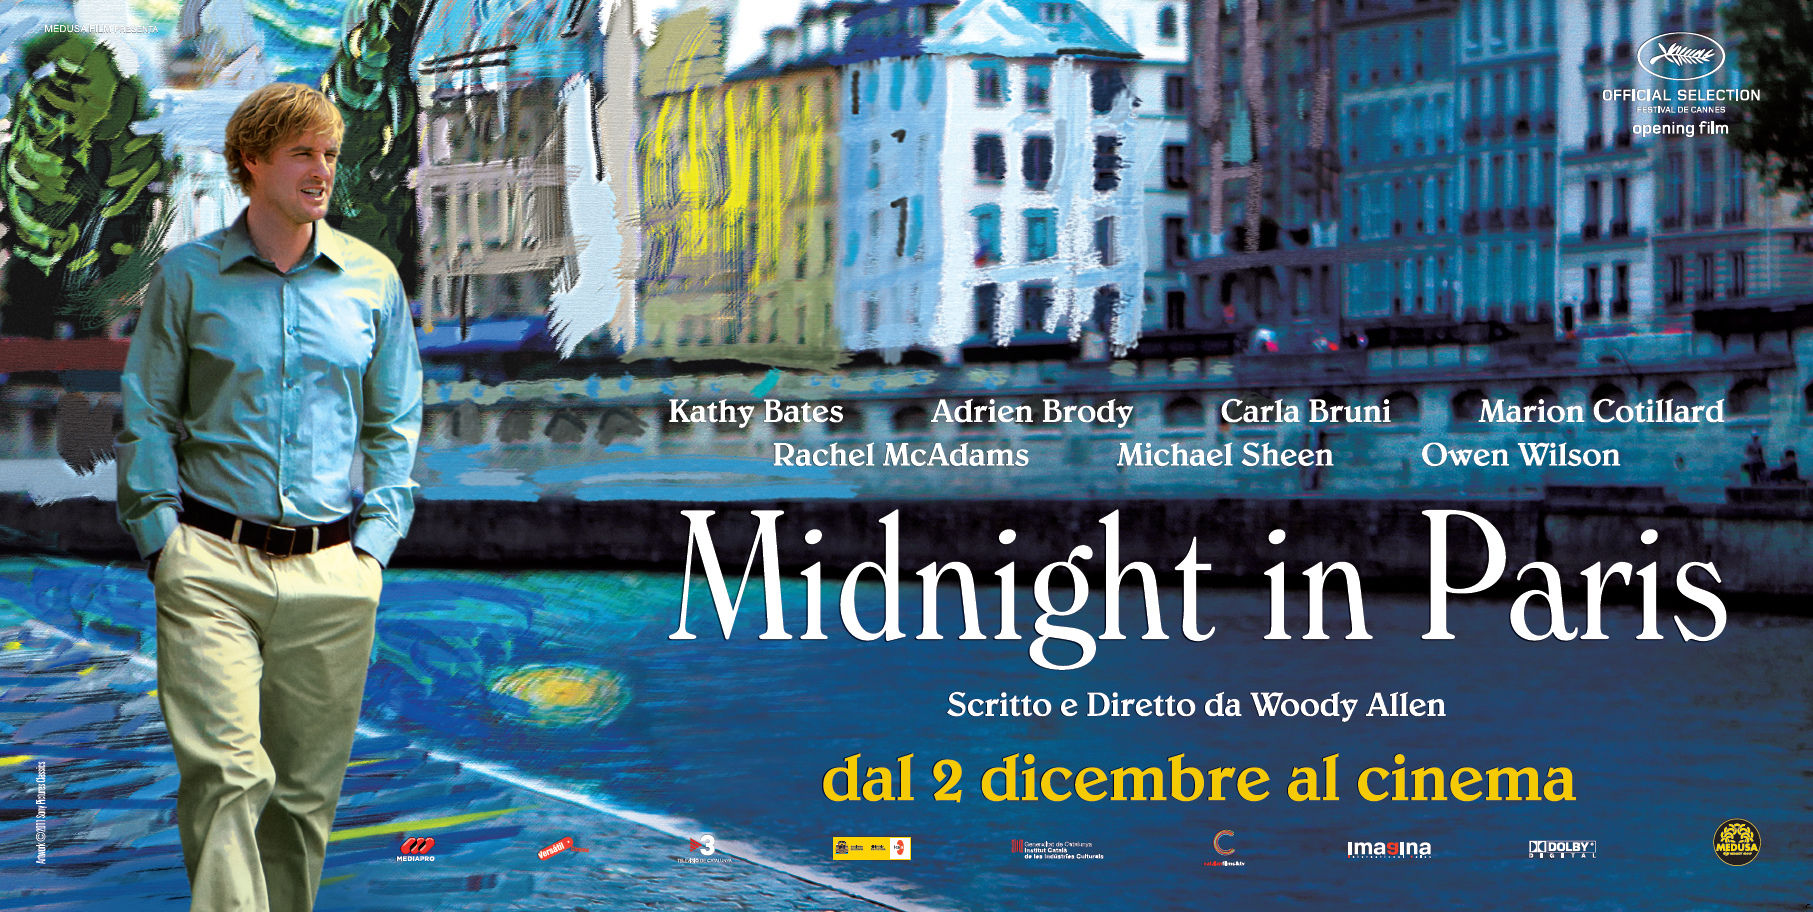 Midnight-in-Paris-foreign-movie-poster.jpg